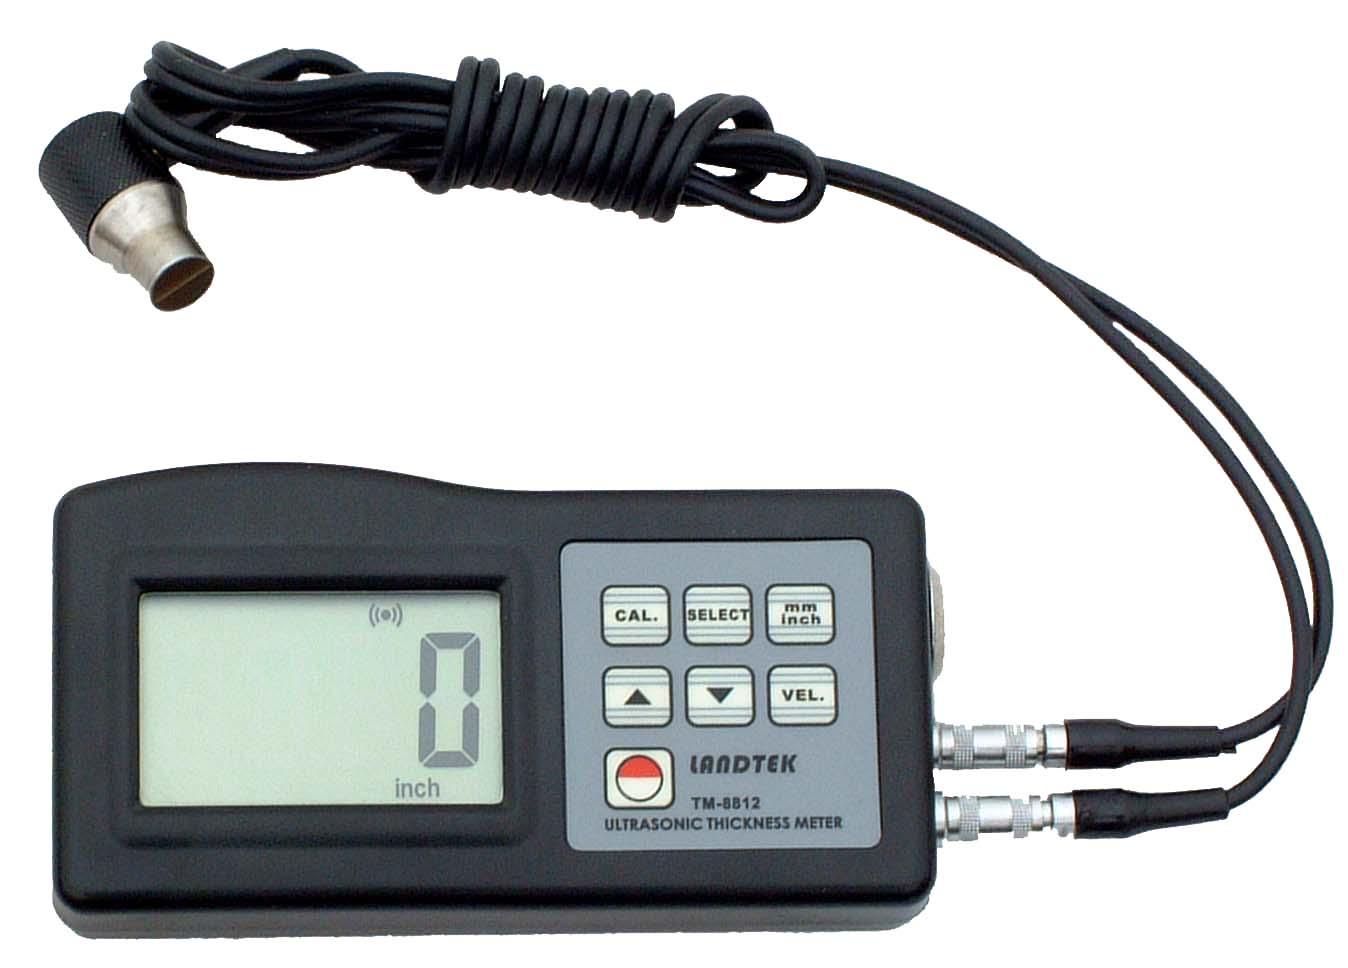 超声波测厚仪原理及影响精度的因素